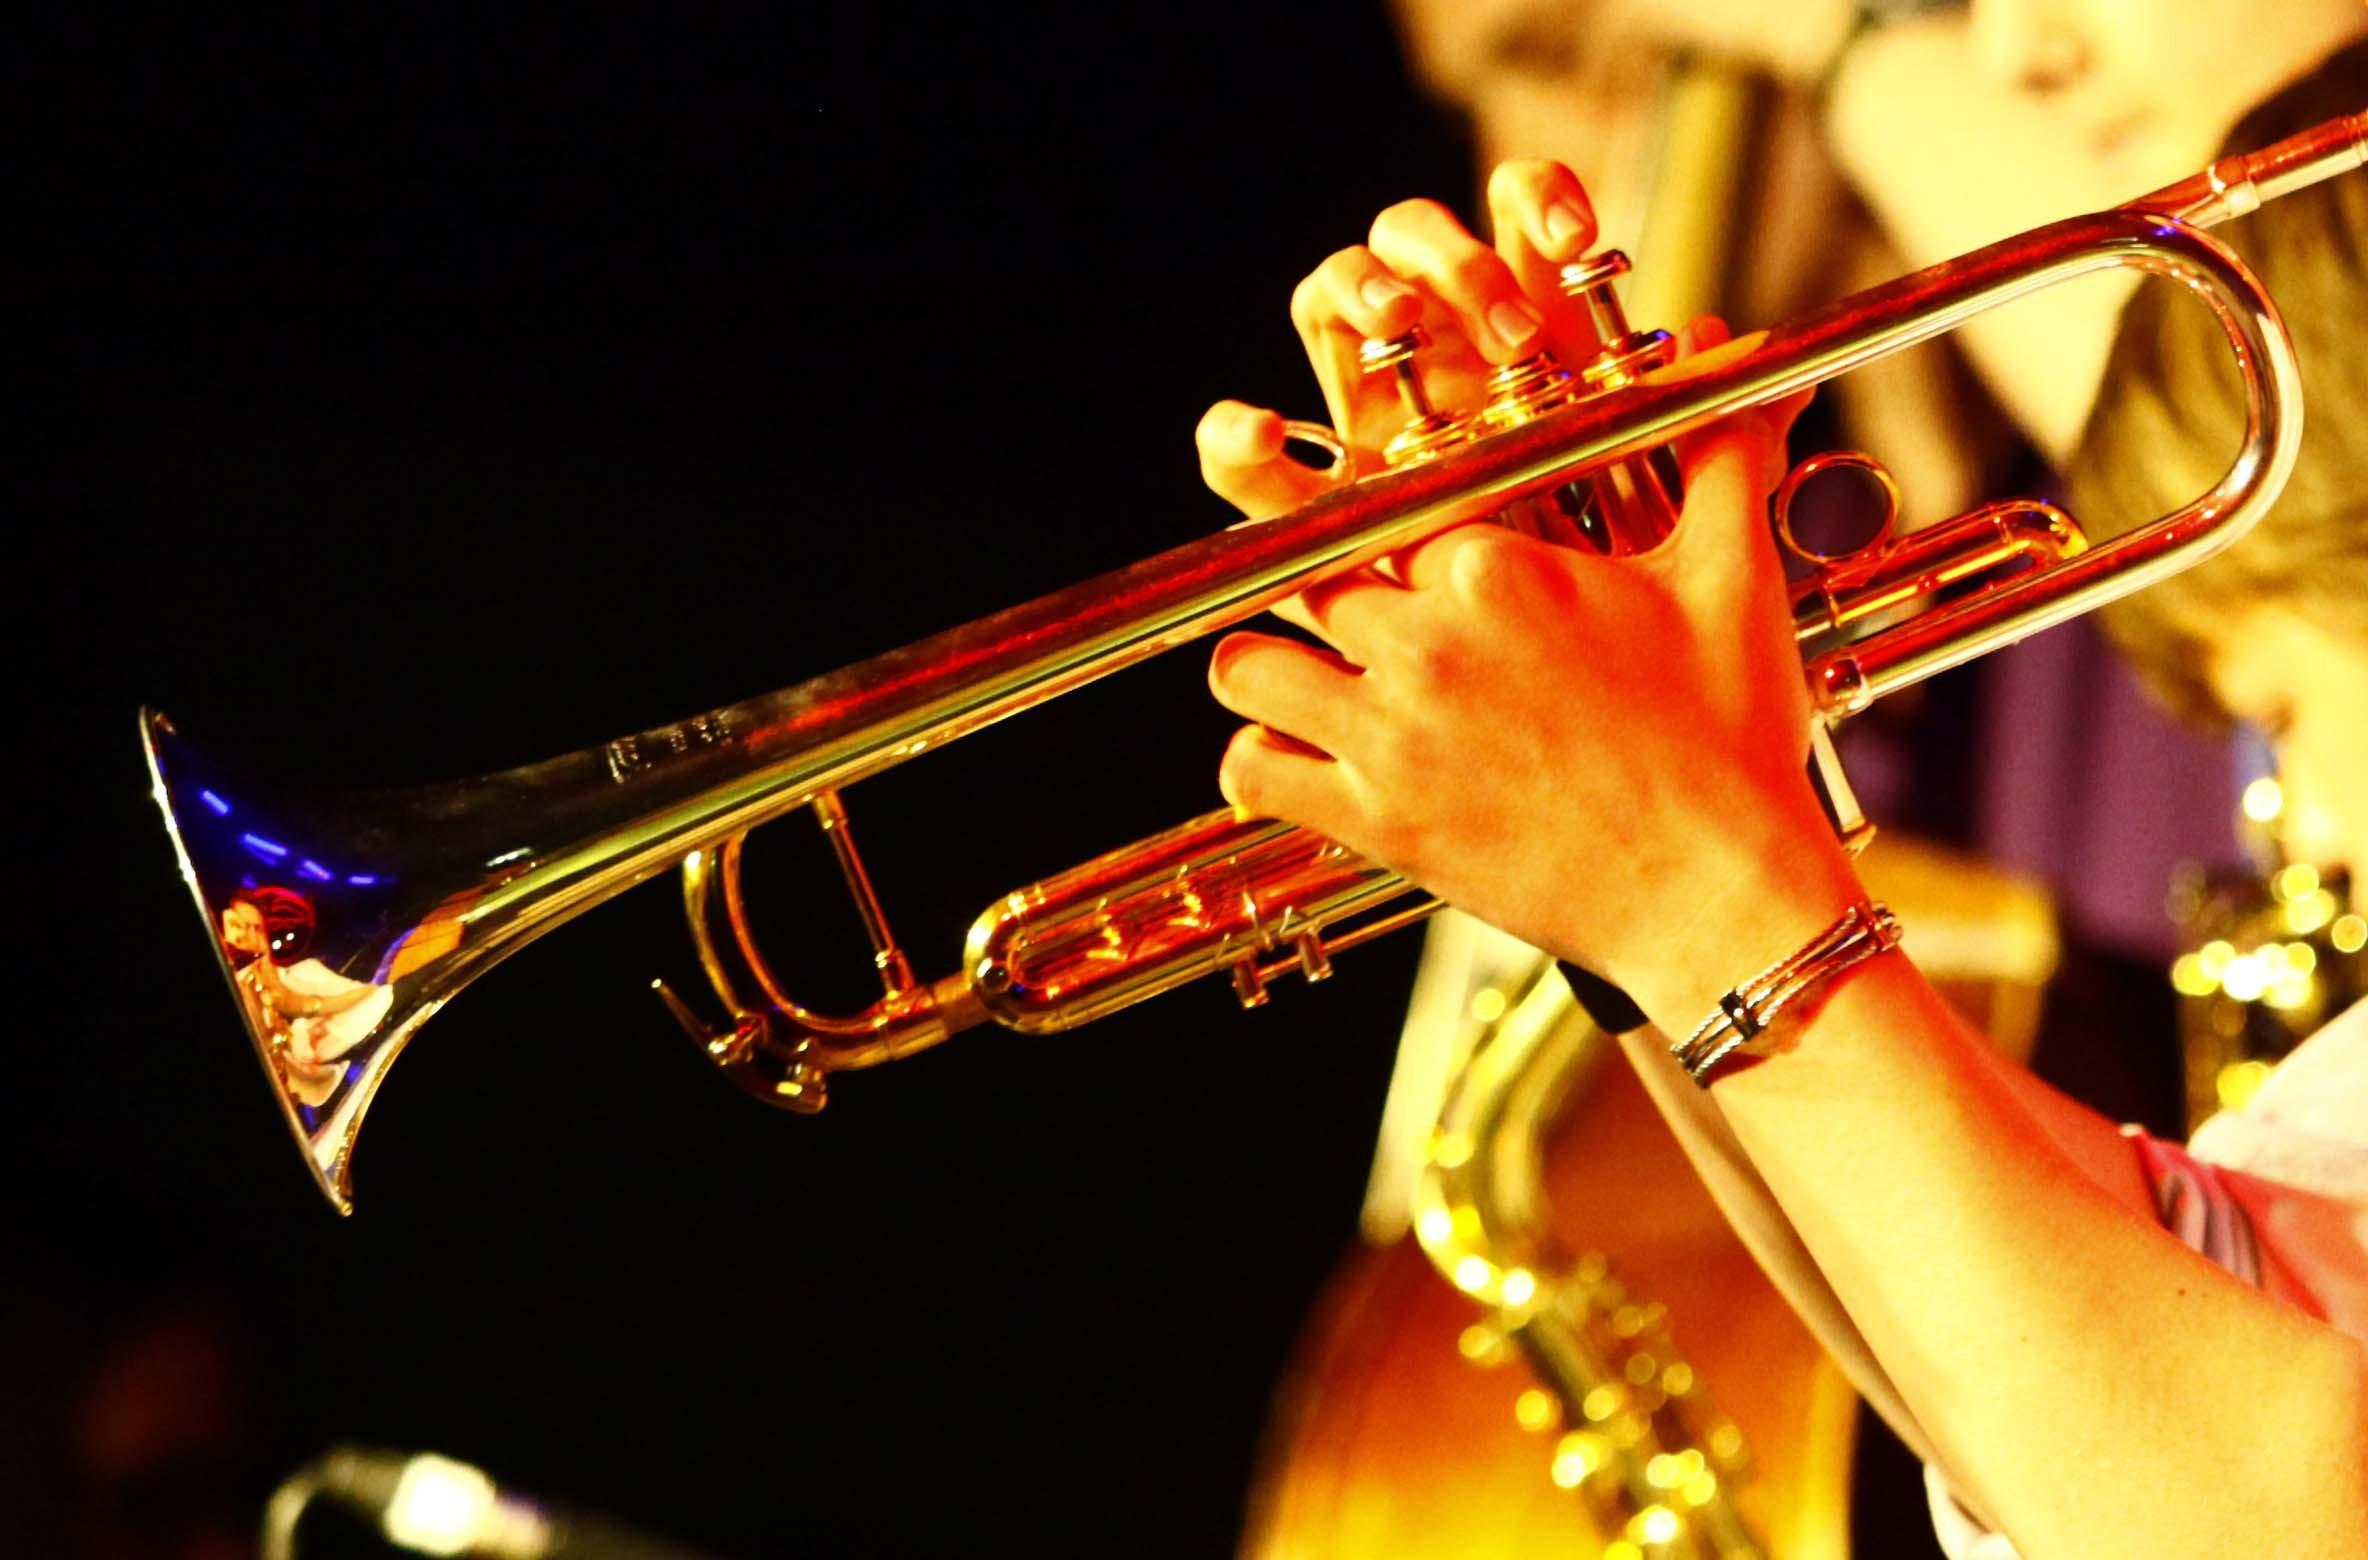 В октябре состоится третий Международный фестиваль «Дельта-джаз»